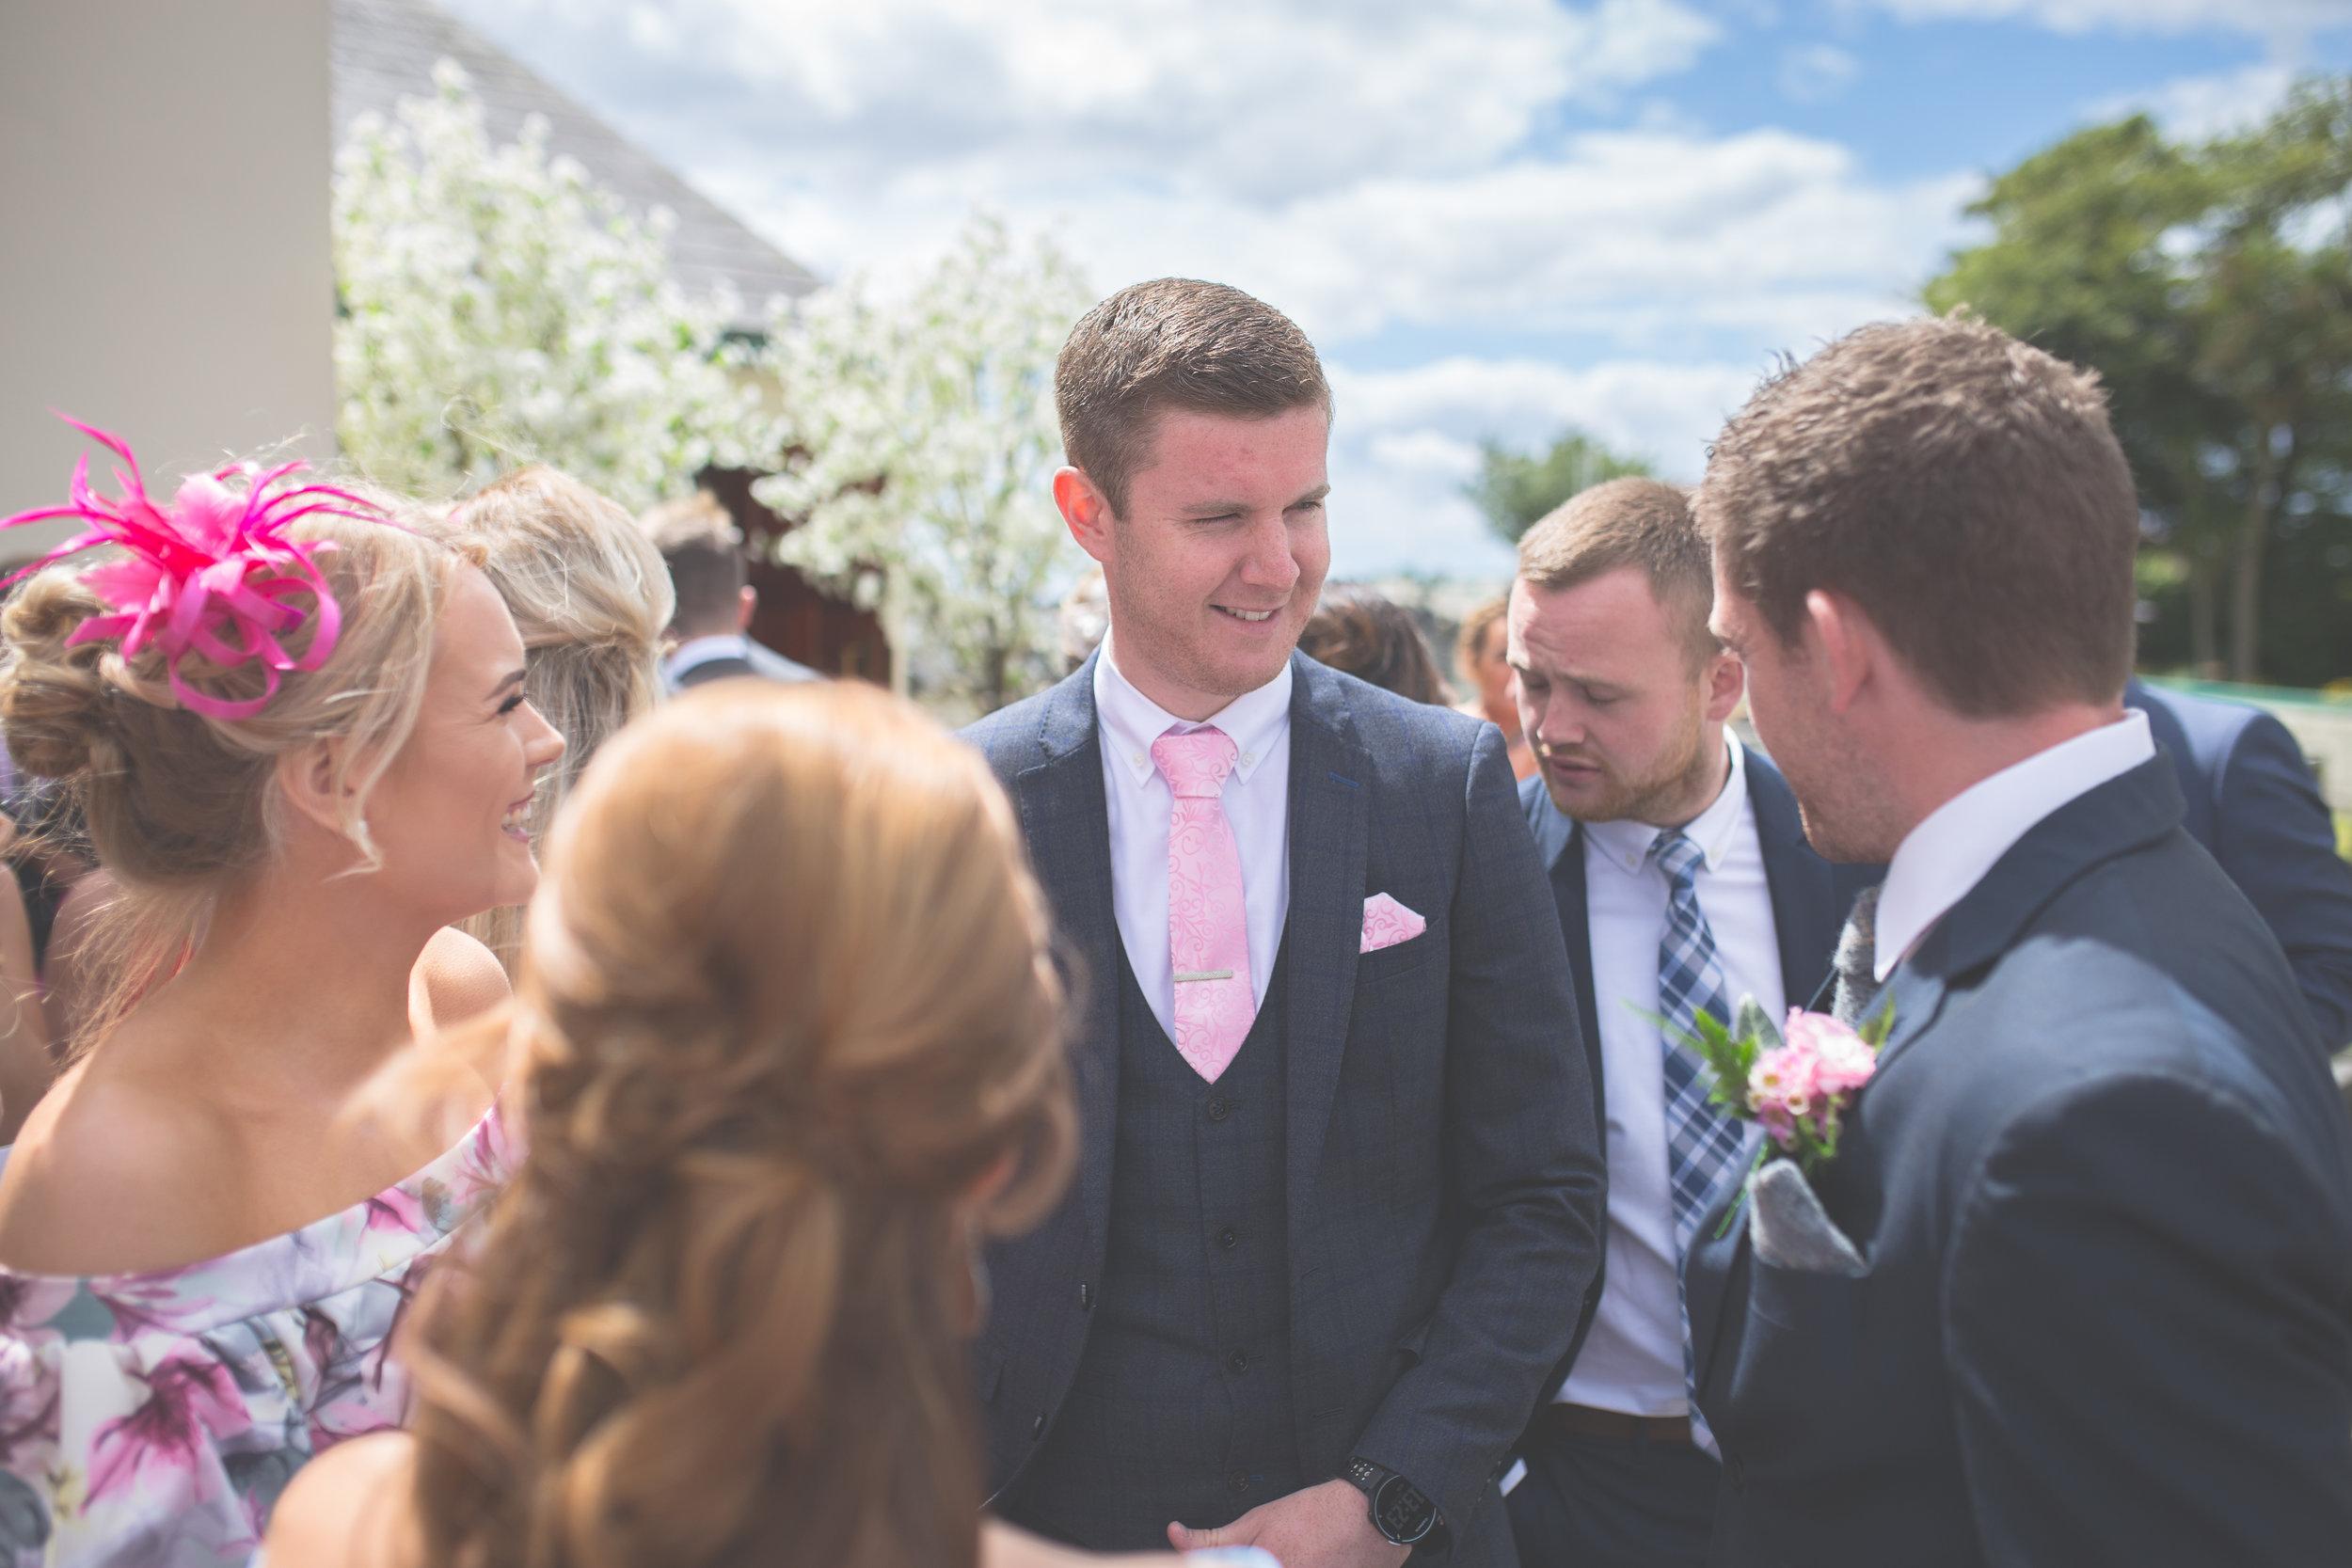 Brian McEwan Wedding Photography   Carol-Anne & Sean   The Ceremony-144.jpg